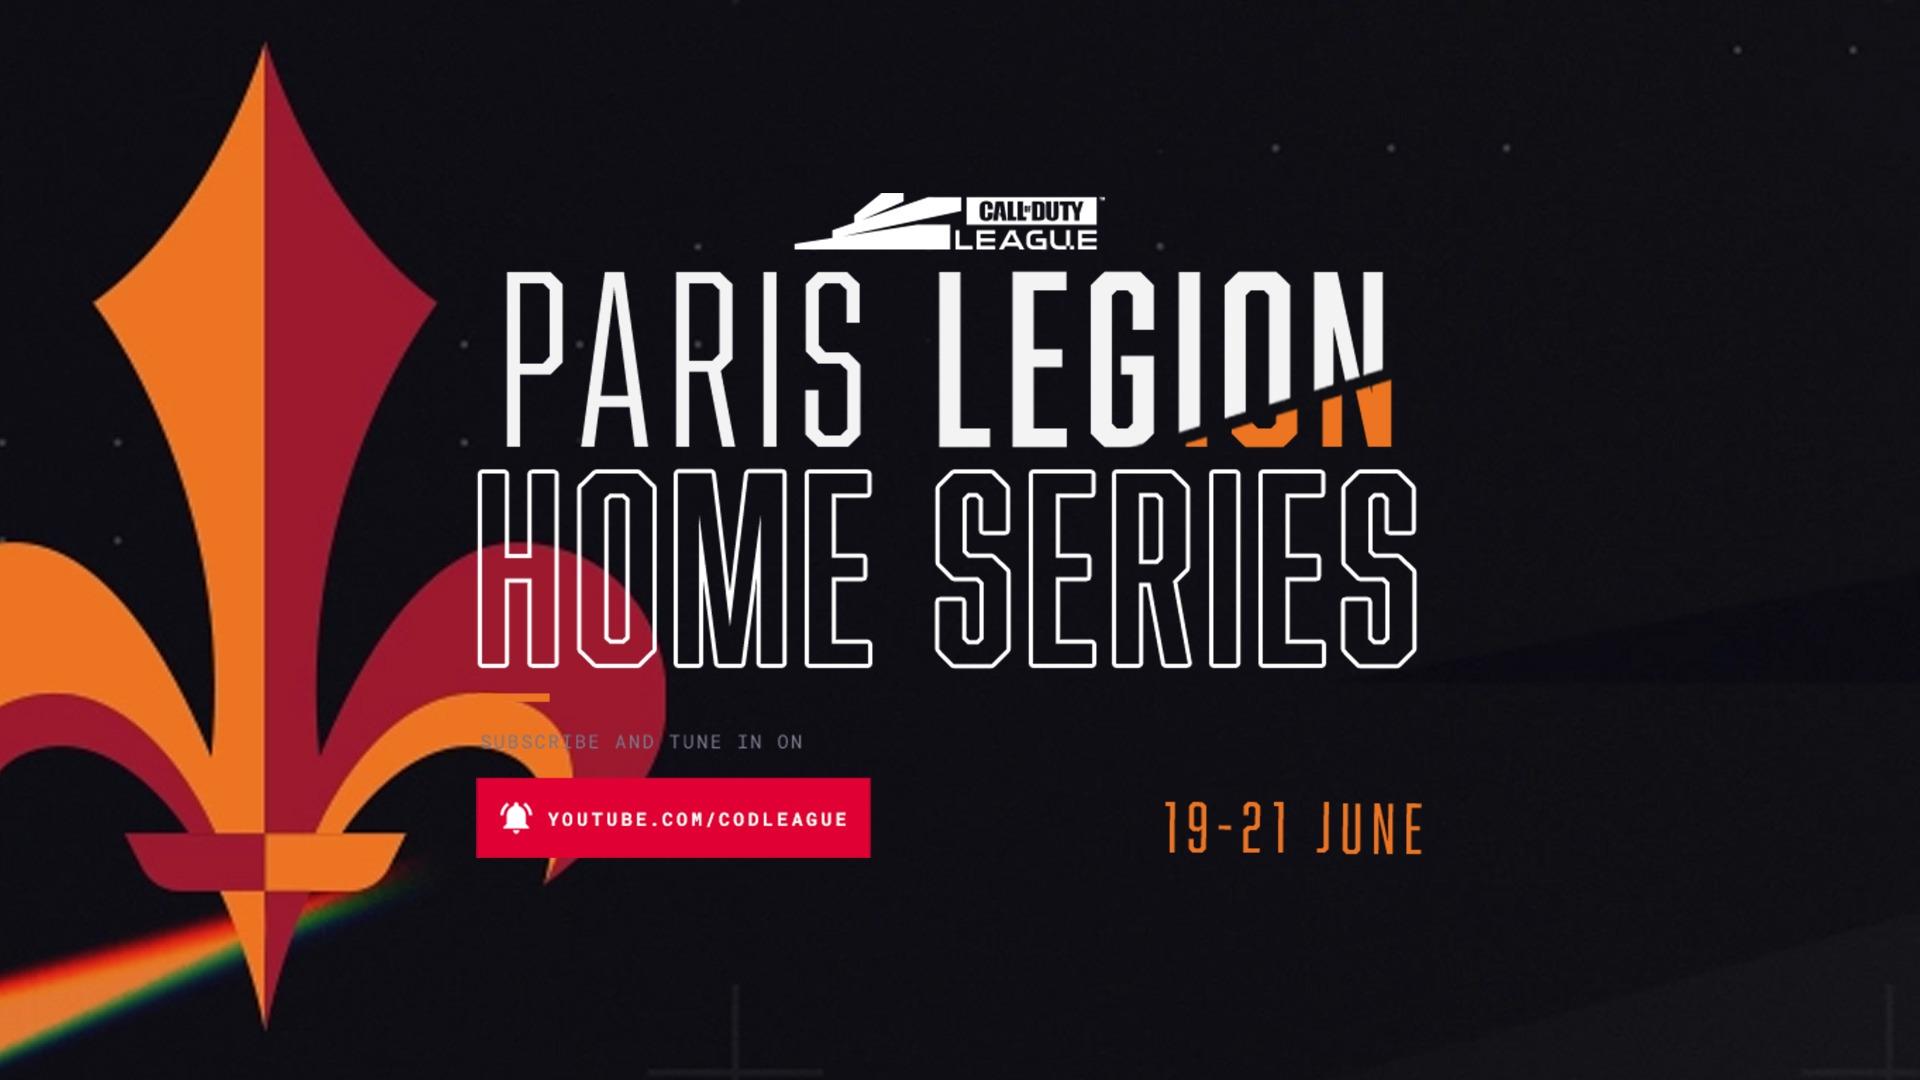 CDL Week 10 – Paris Legion Home Series